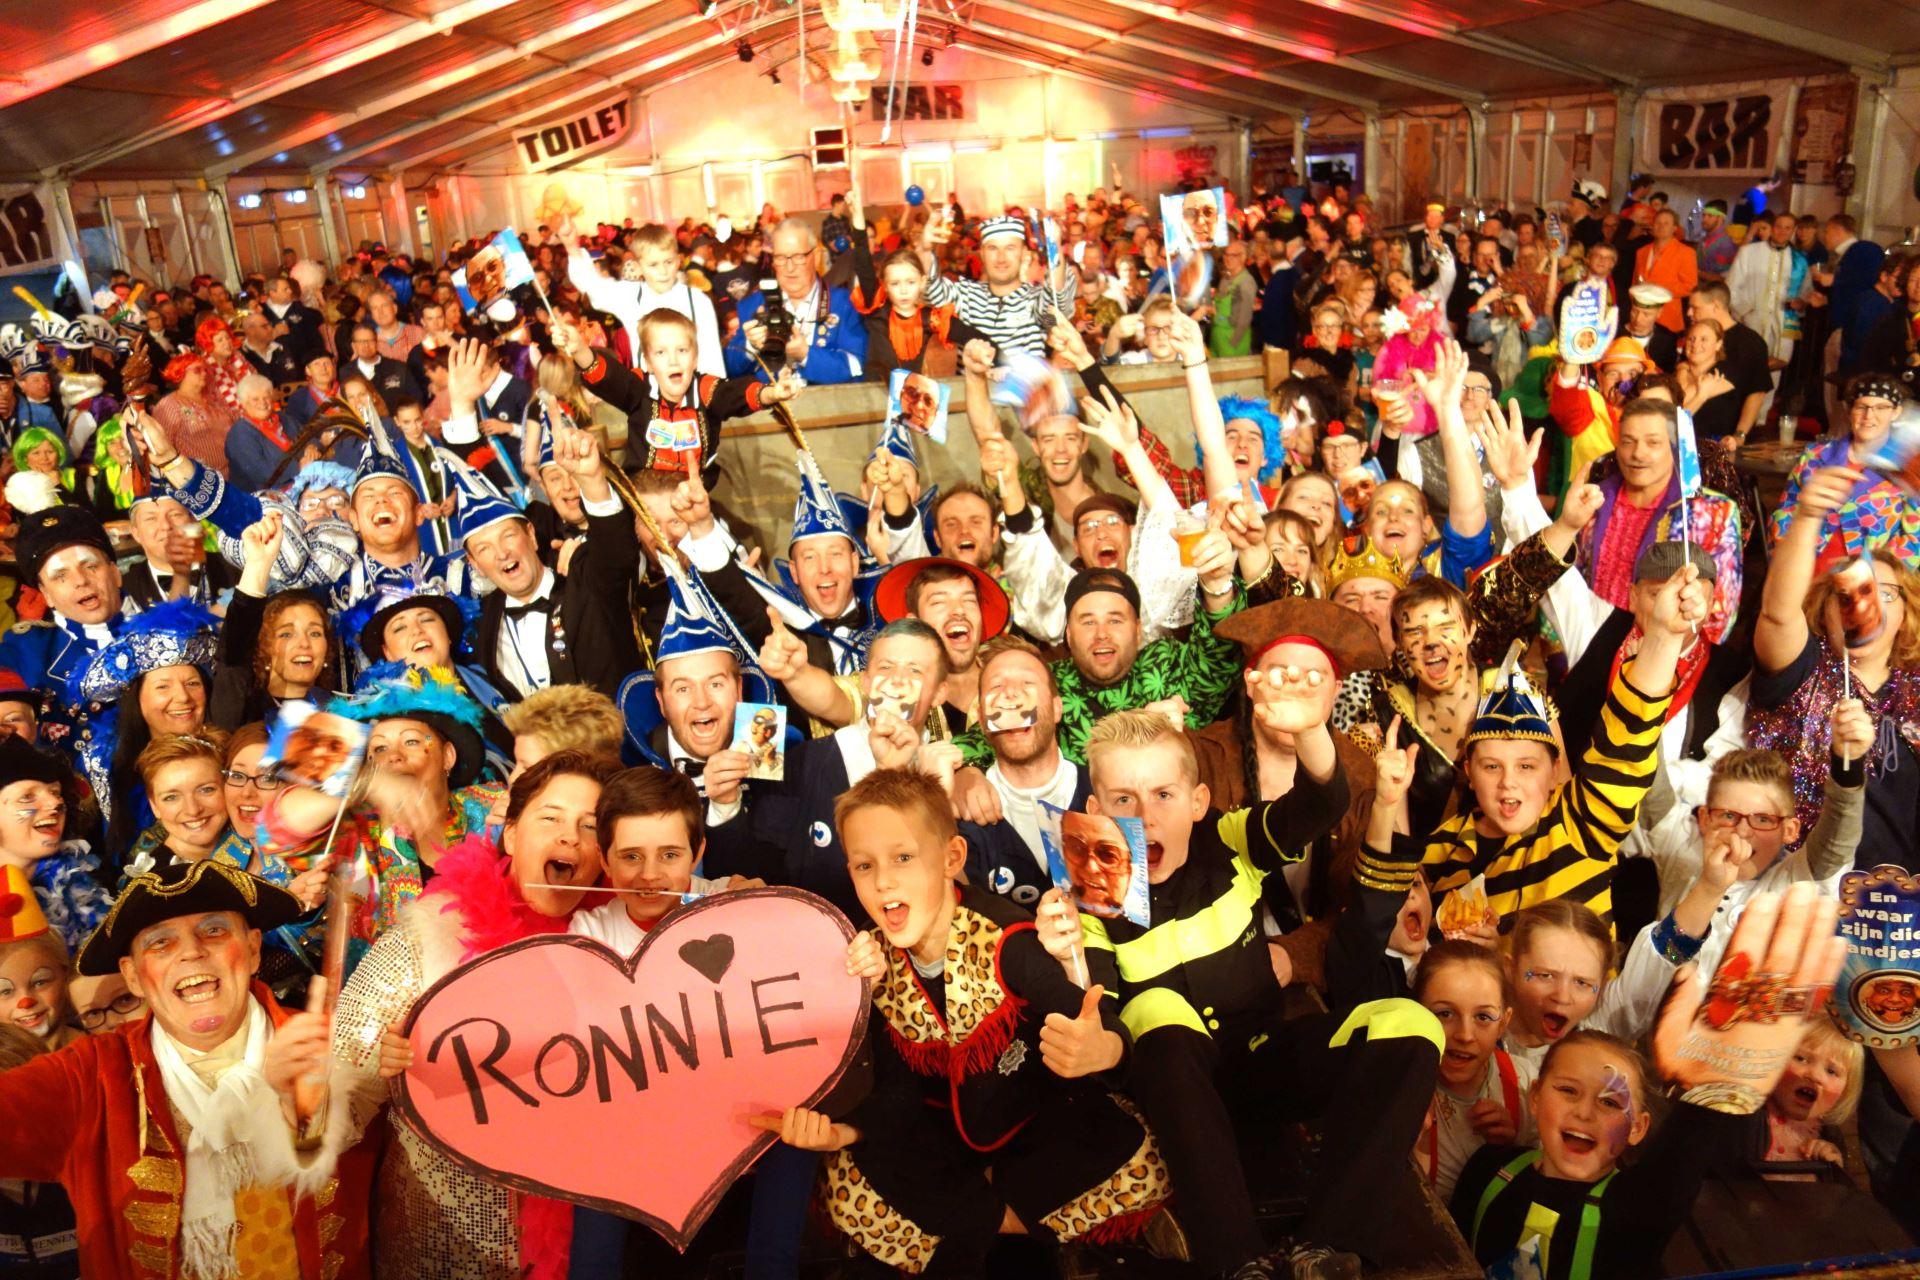 Ronnie_Ruysdael_Boxmeer